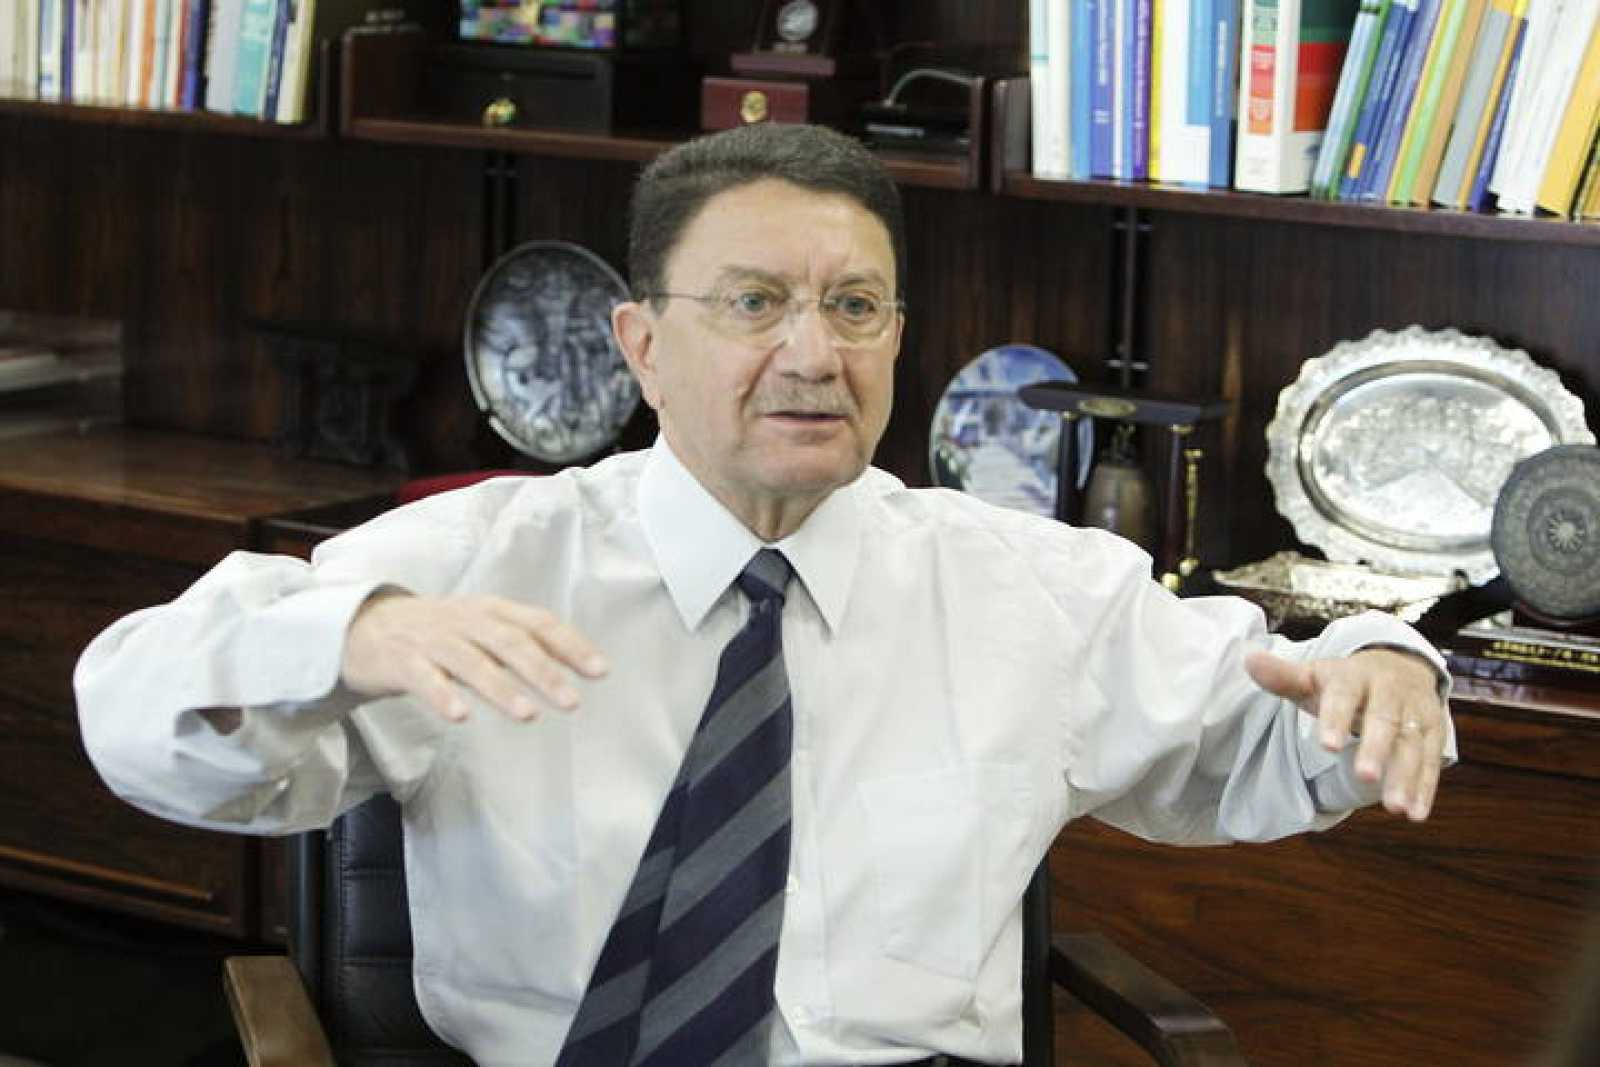 El secretario general de la Organización Mundial del Turismo, Taleb Rifai